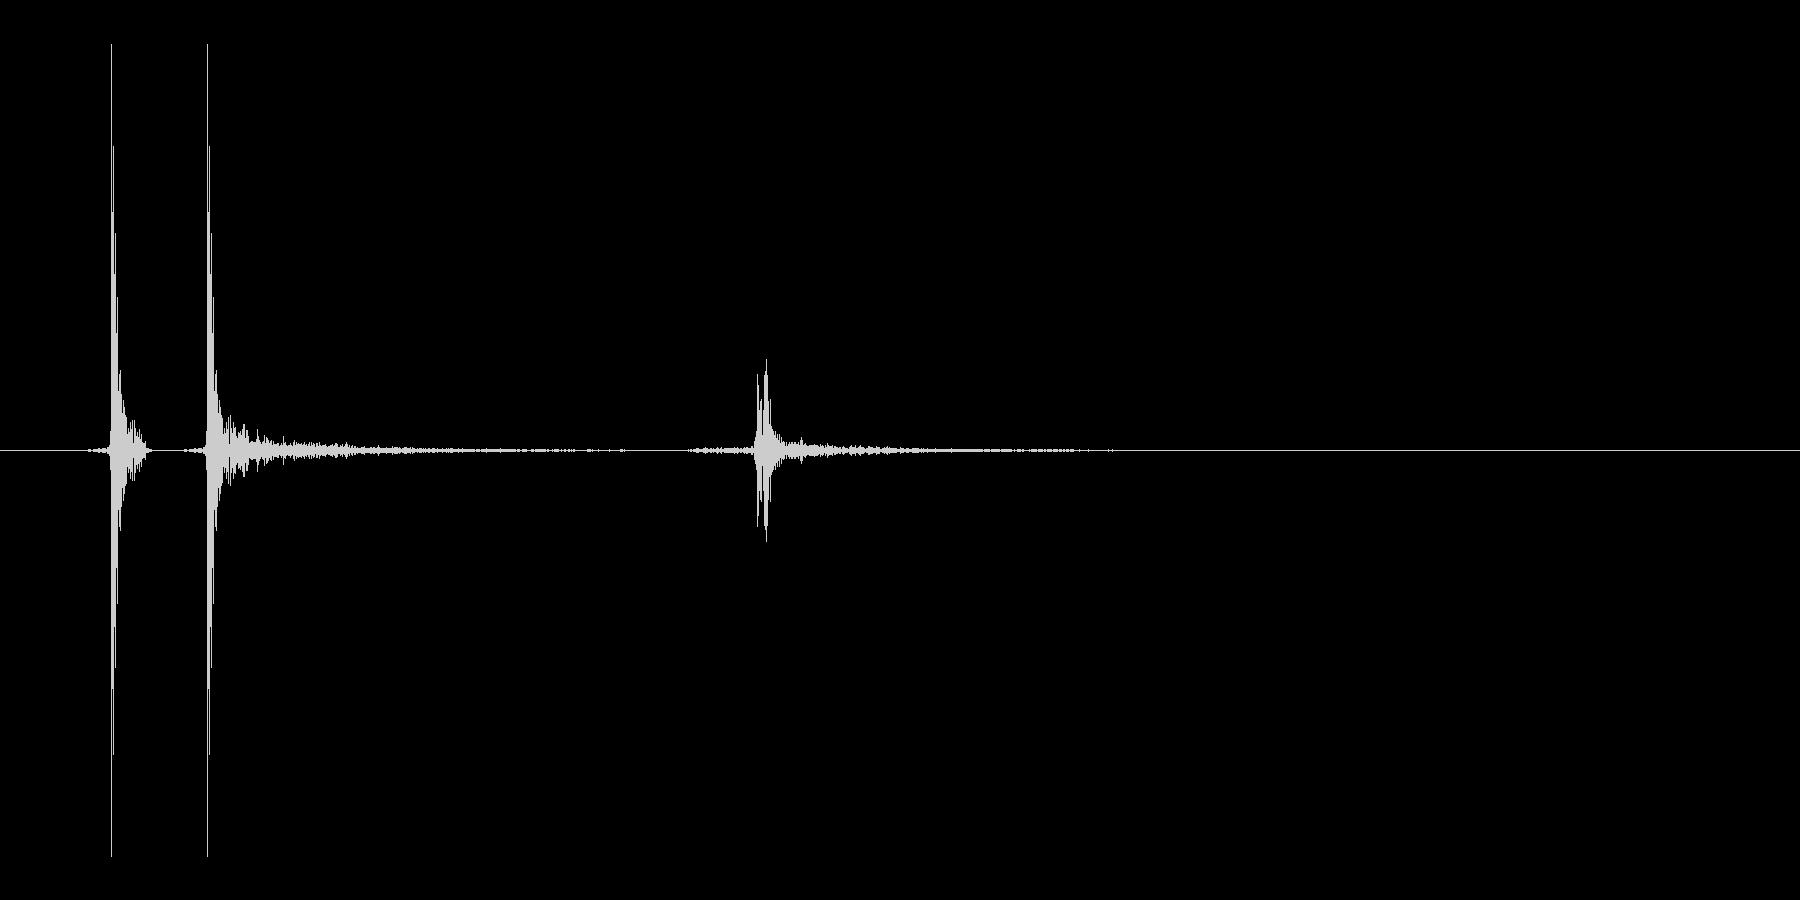 スイッチの音。「カチッ」の未再生の波形